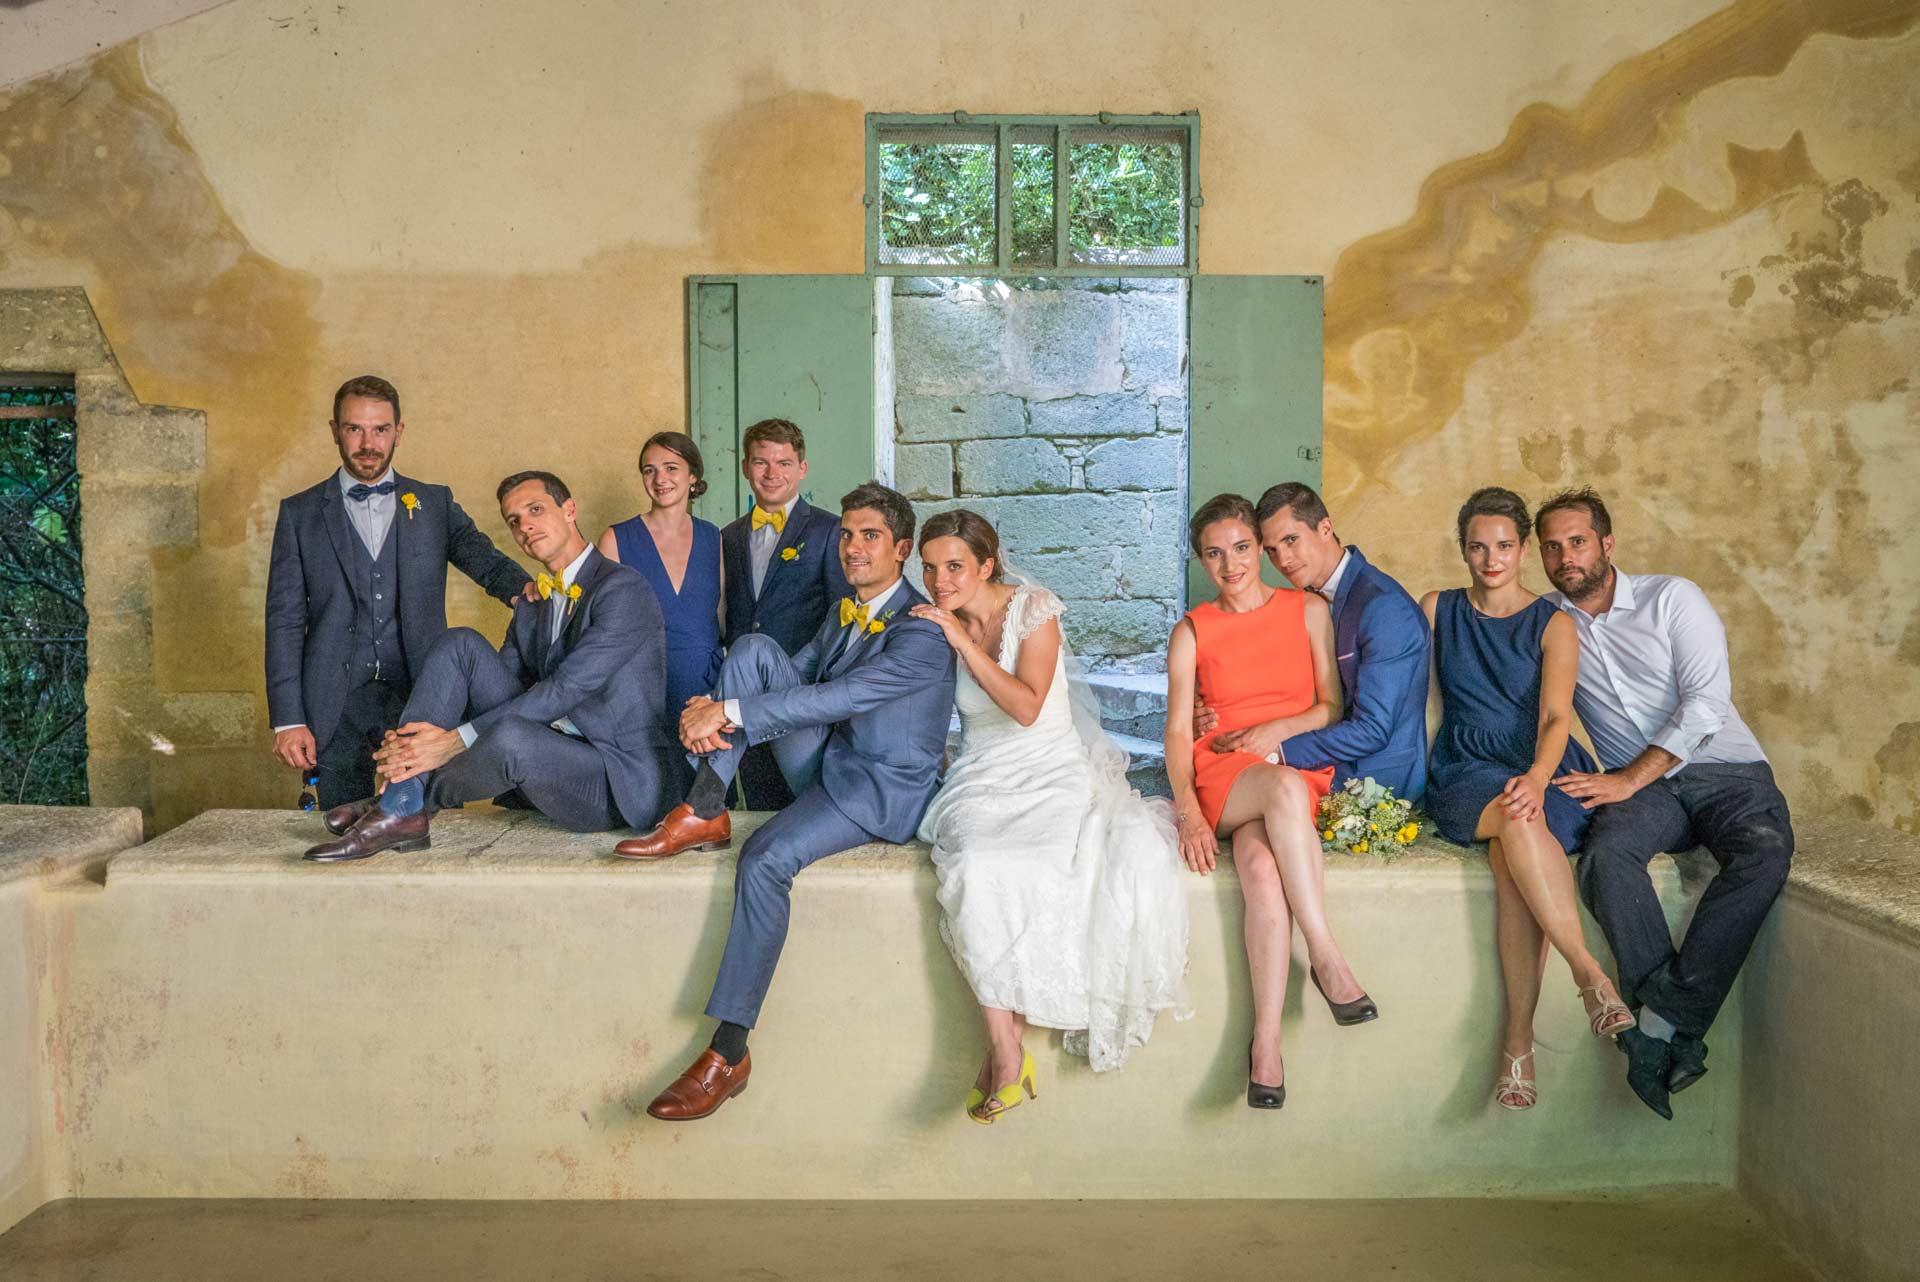 Mariage à Uzès. portrait d'un groupe de 5 coupes, les mariés avec leurs témoins, dans un vieux lavoir.